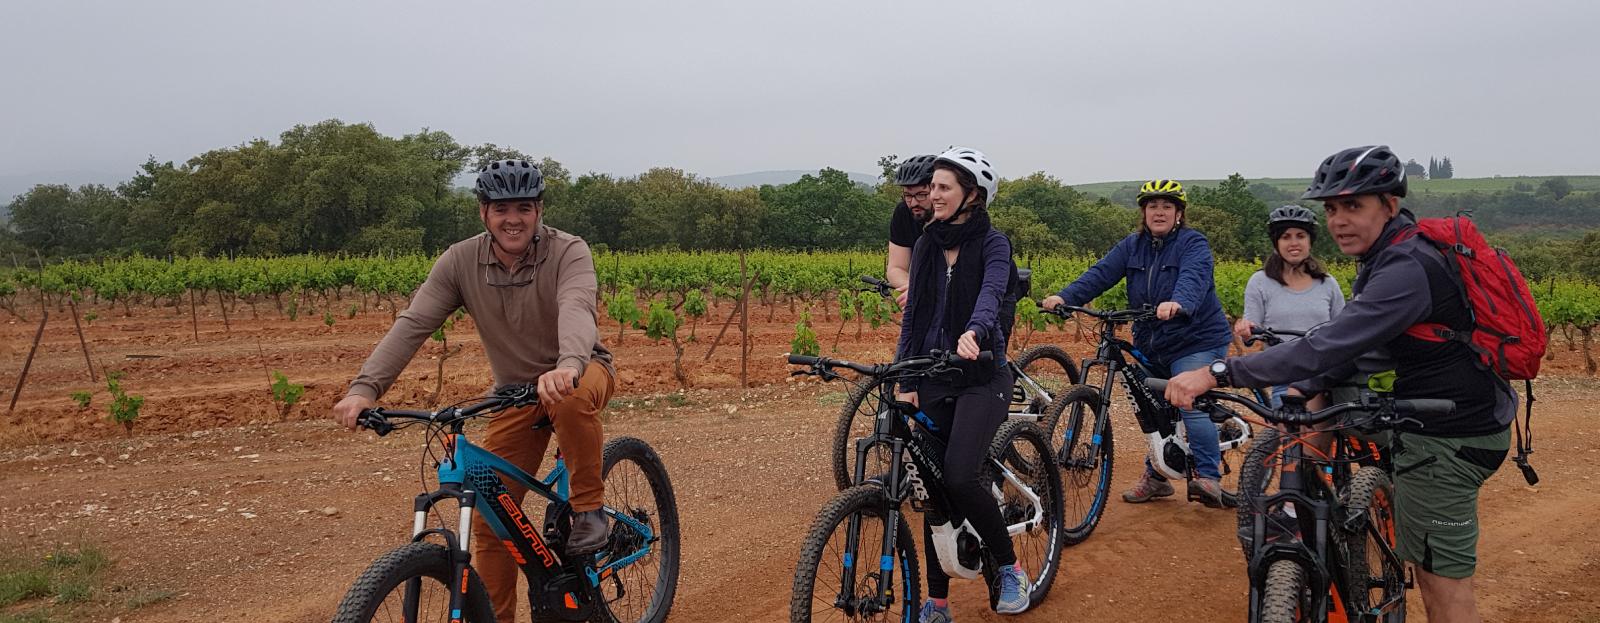 Visite du vignoble Terrassous en vélo électrique